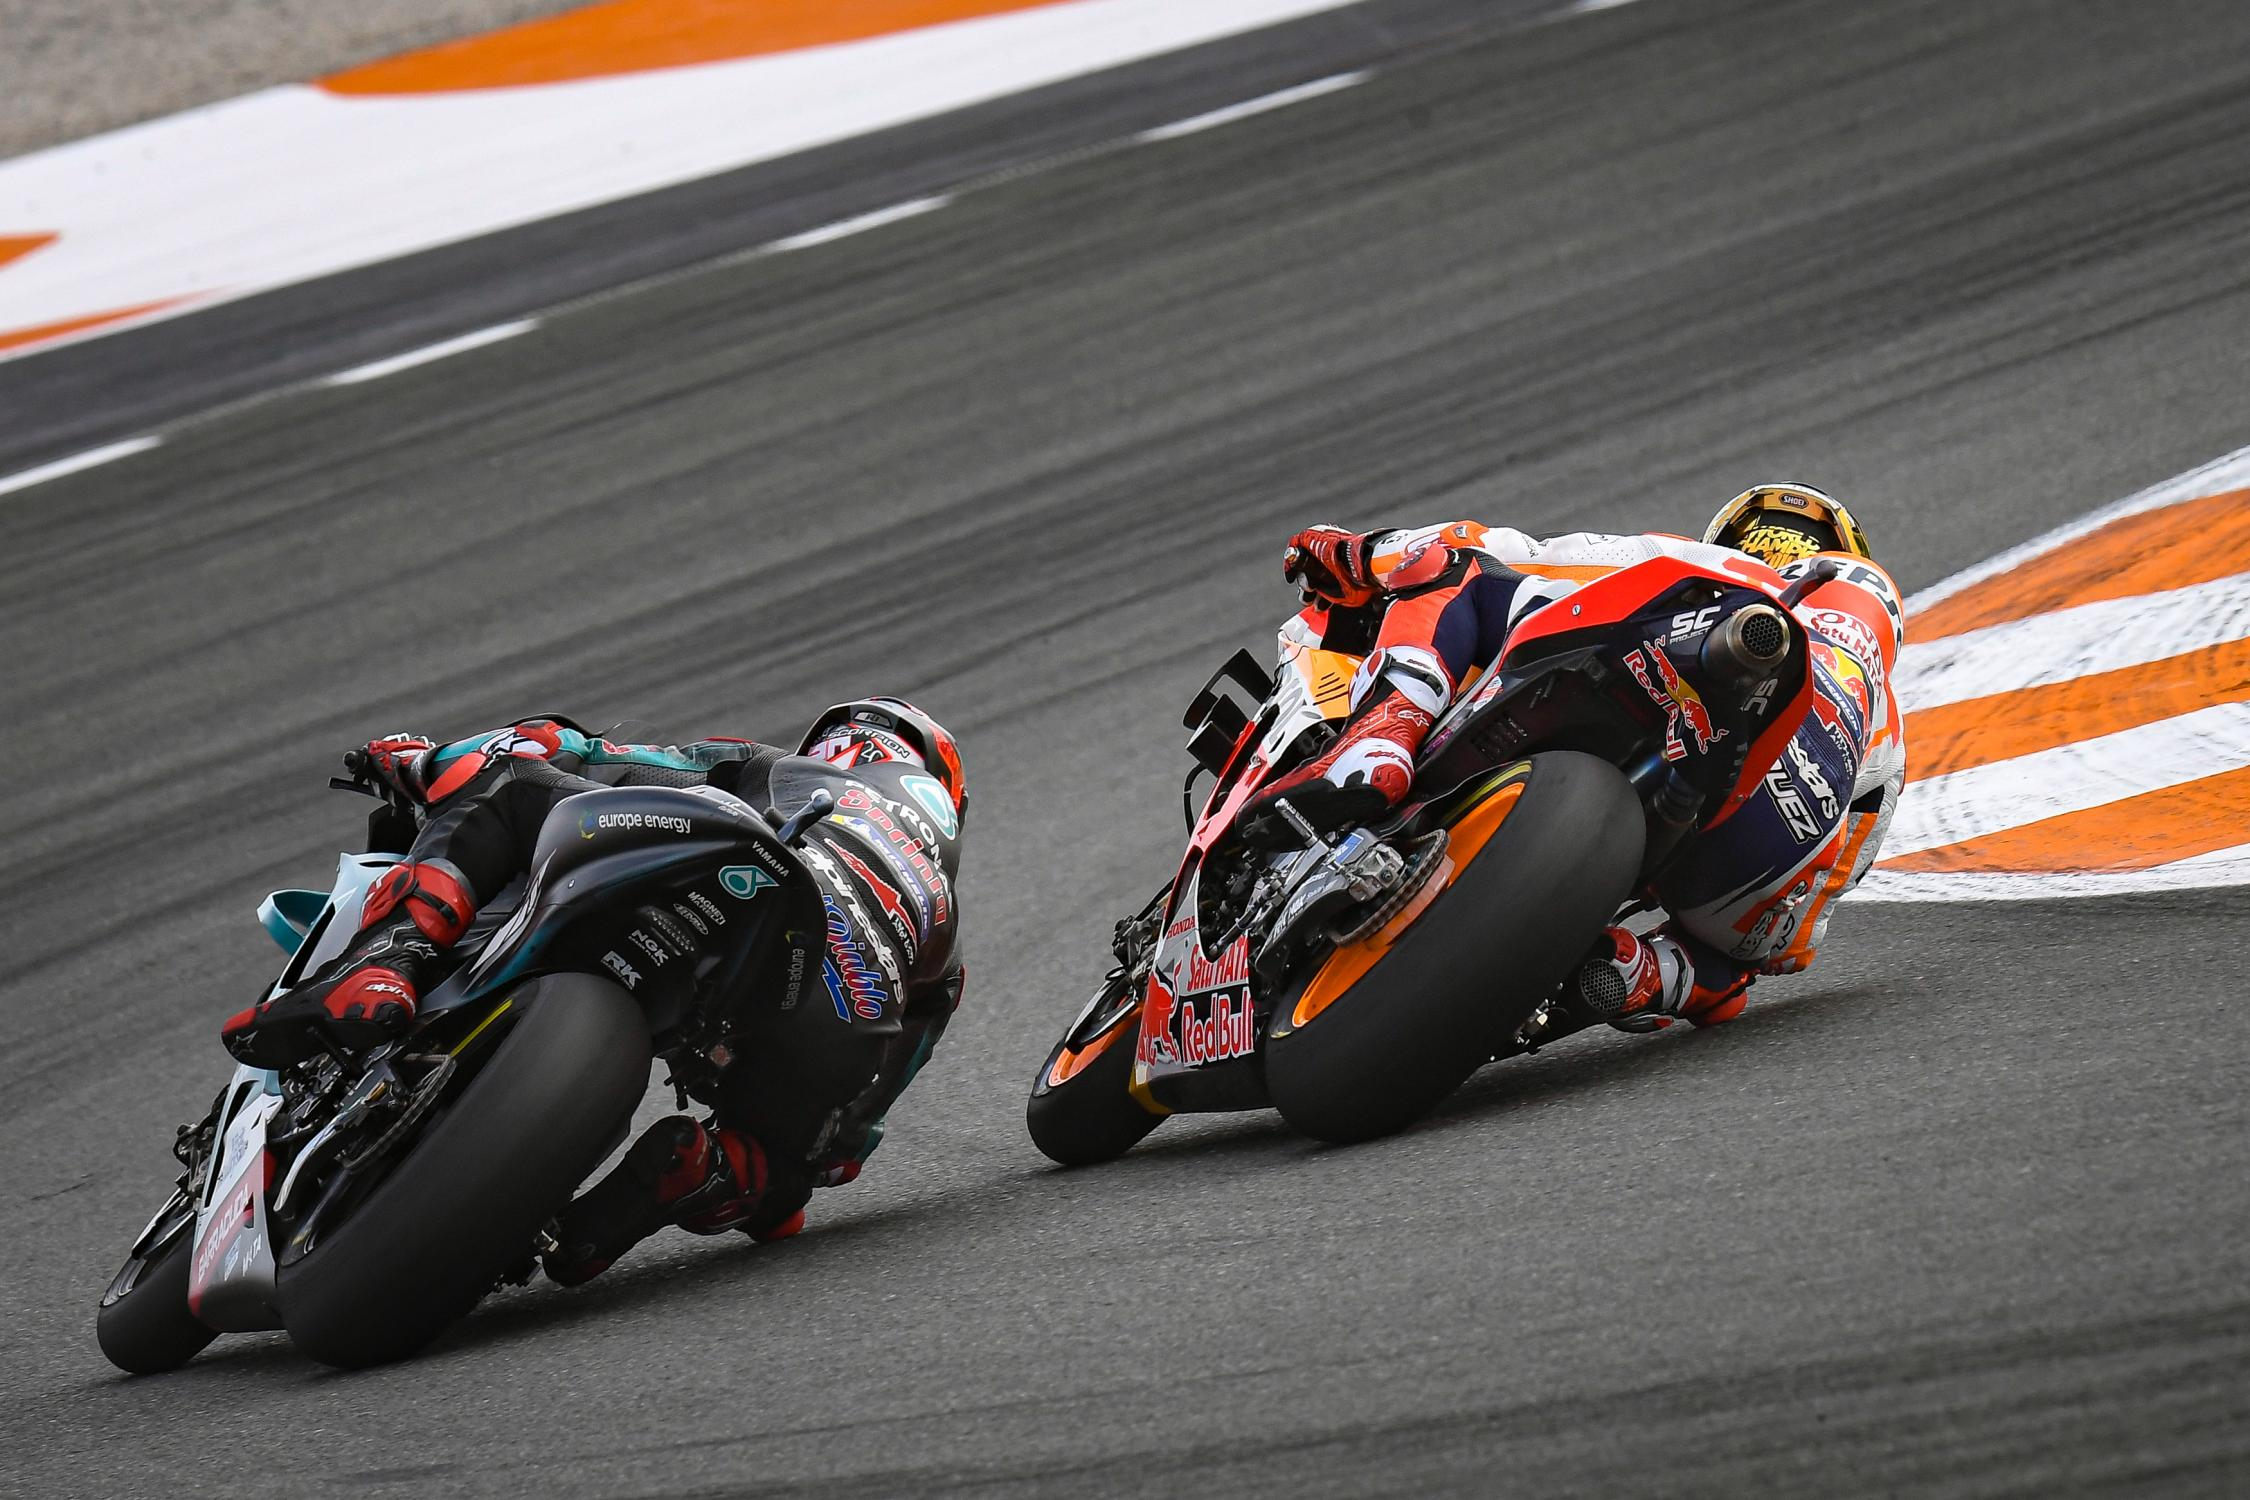 Fabio Quartararo, Marc Marquez, Valencia 2020, MotoGP